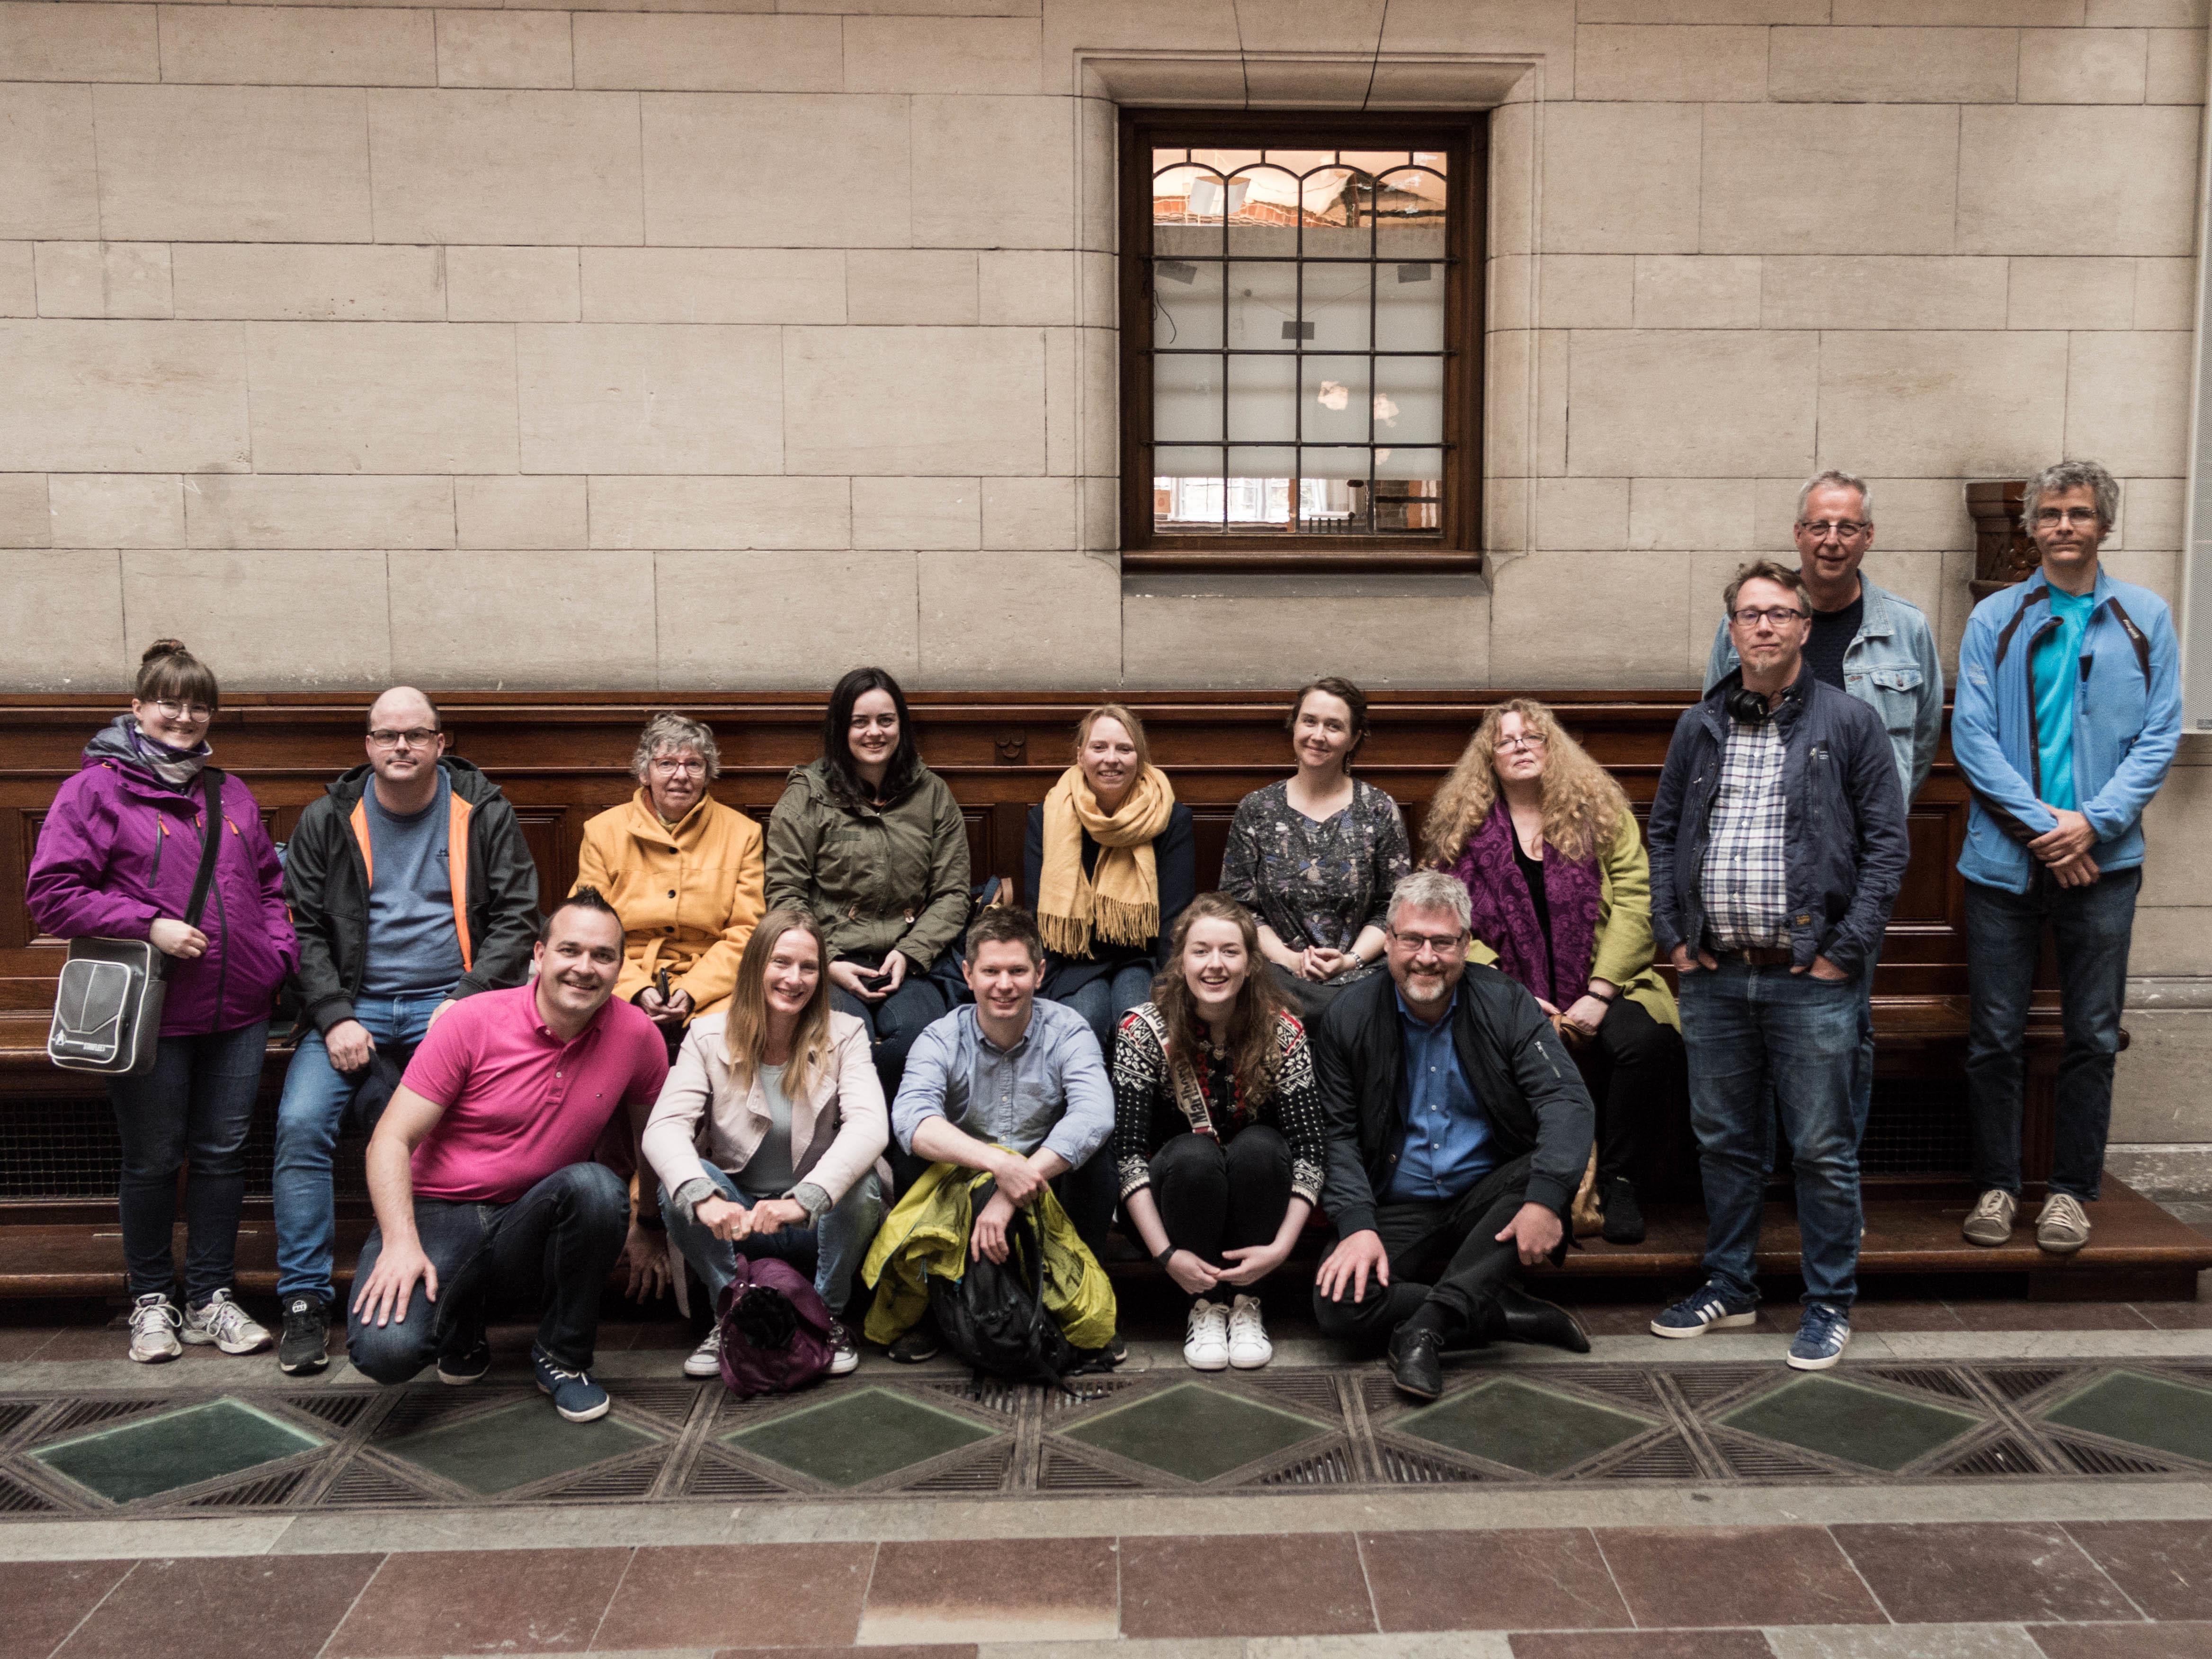 Gruppebilde i Københavns rådhus_2.jpg